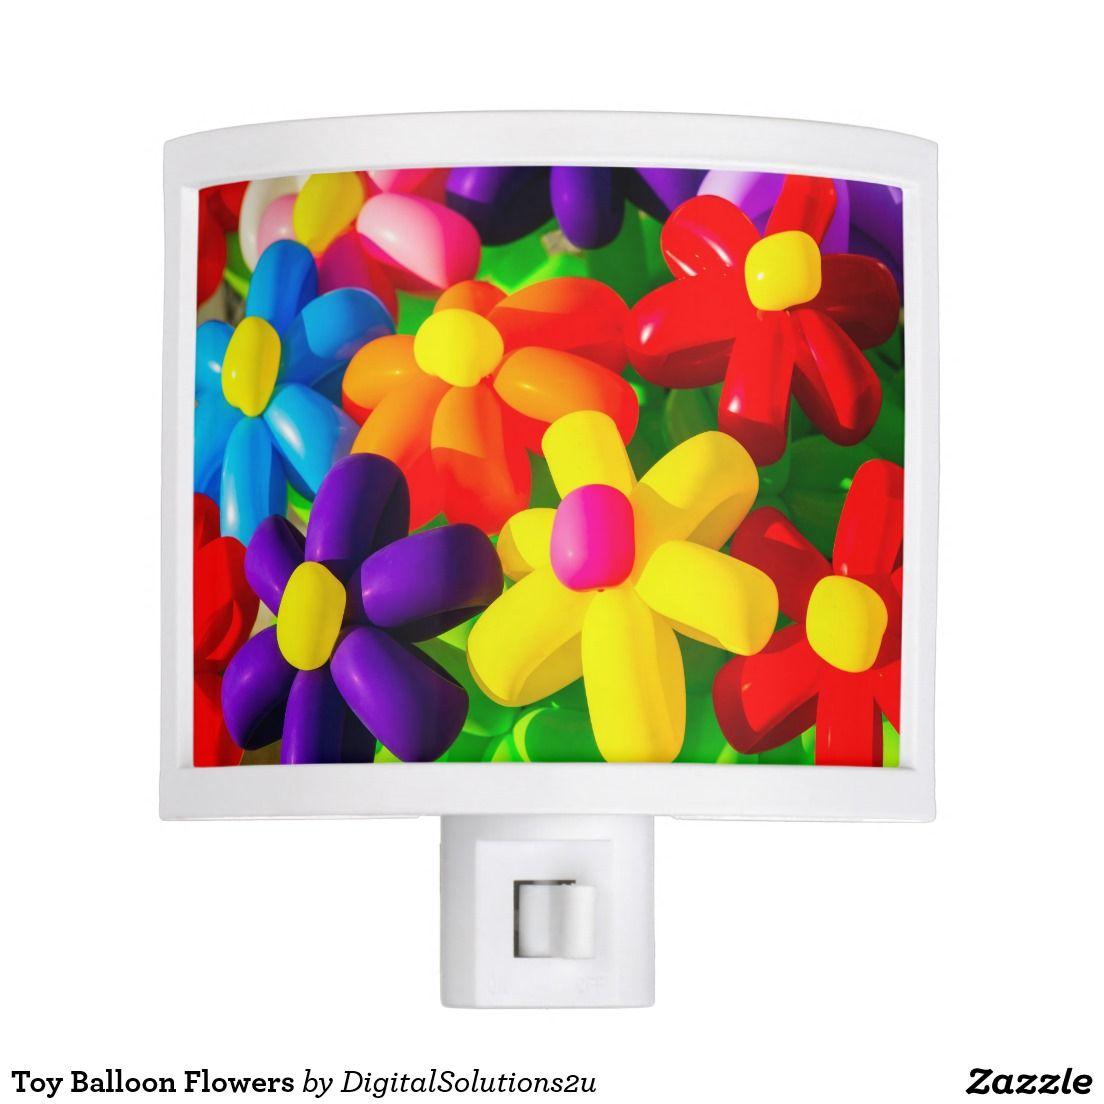 Toy Balloon Flowers Night Light